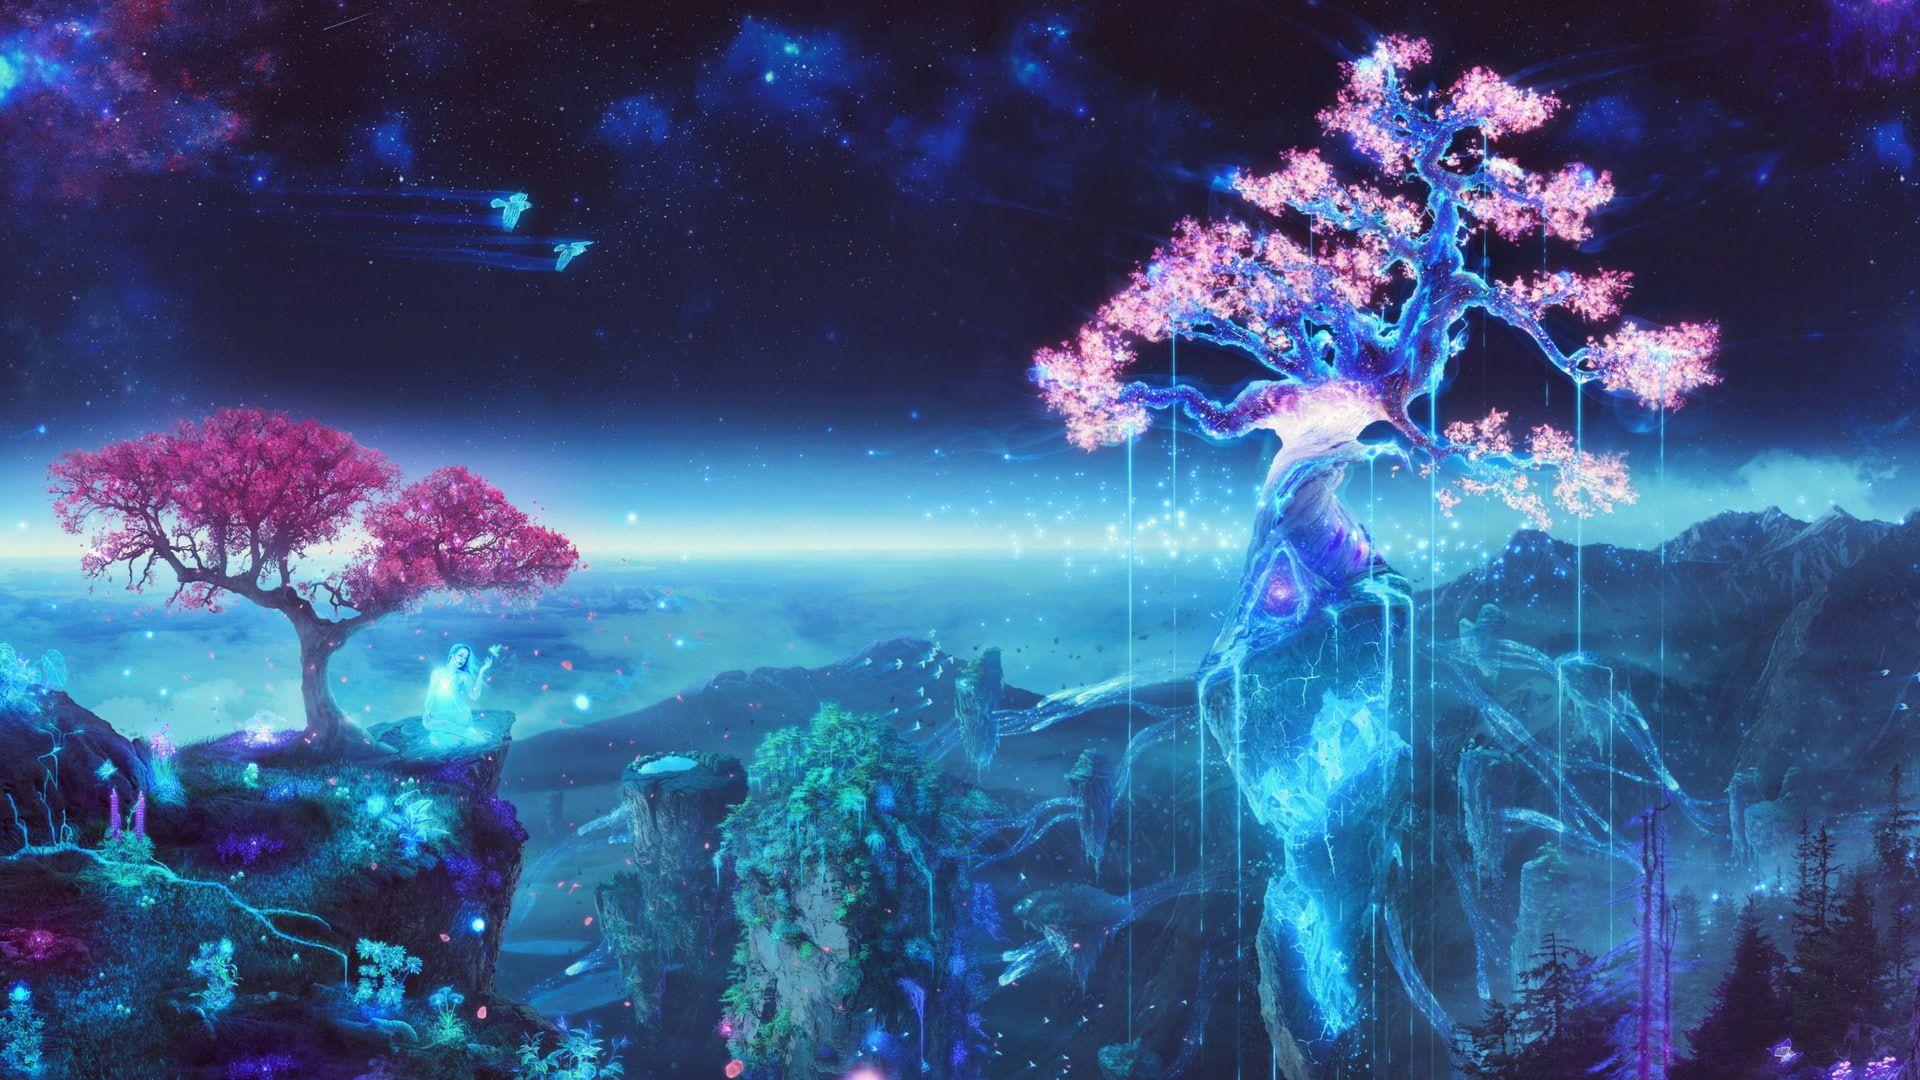 Anime Magic 1080p Wallpaper Hdwallpaper Desktop In 2020 Anime Backgrounds Wallpapers Anime Wallpaper Digital Art Anime